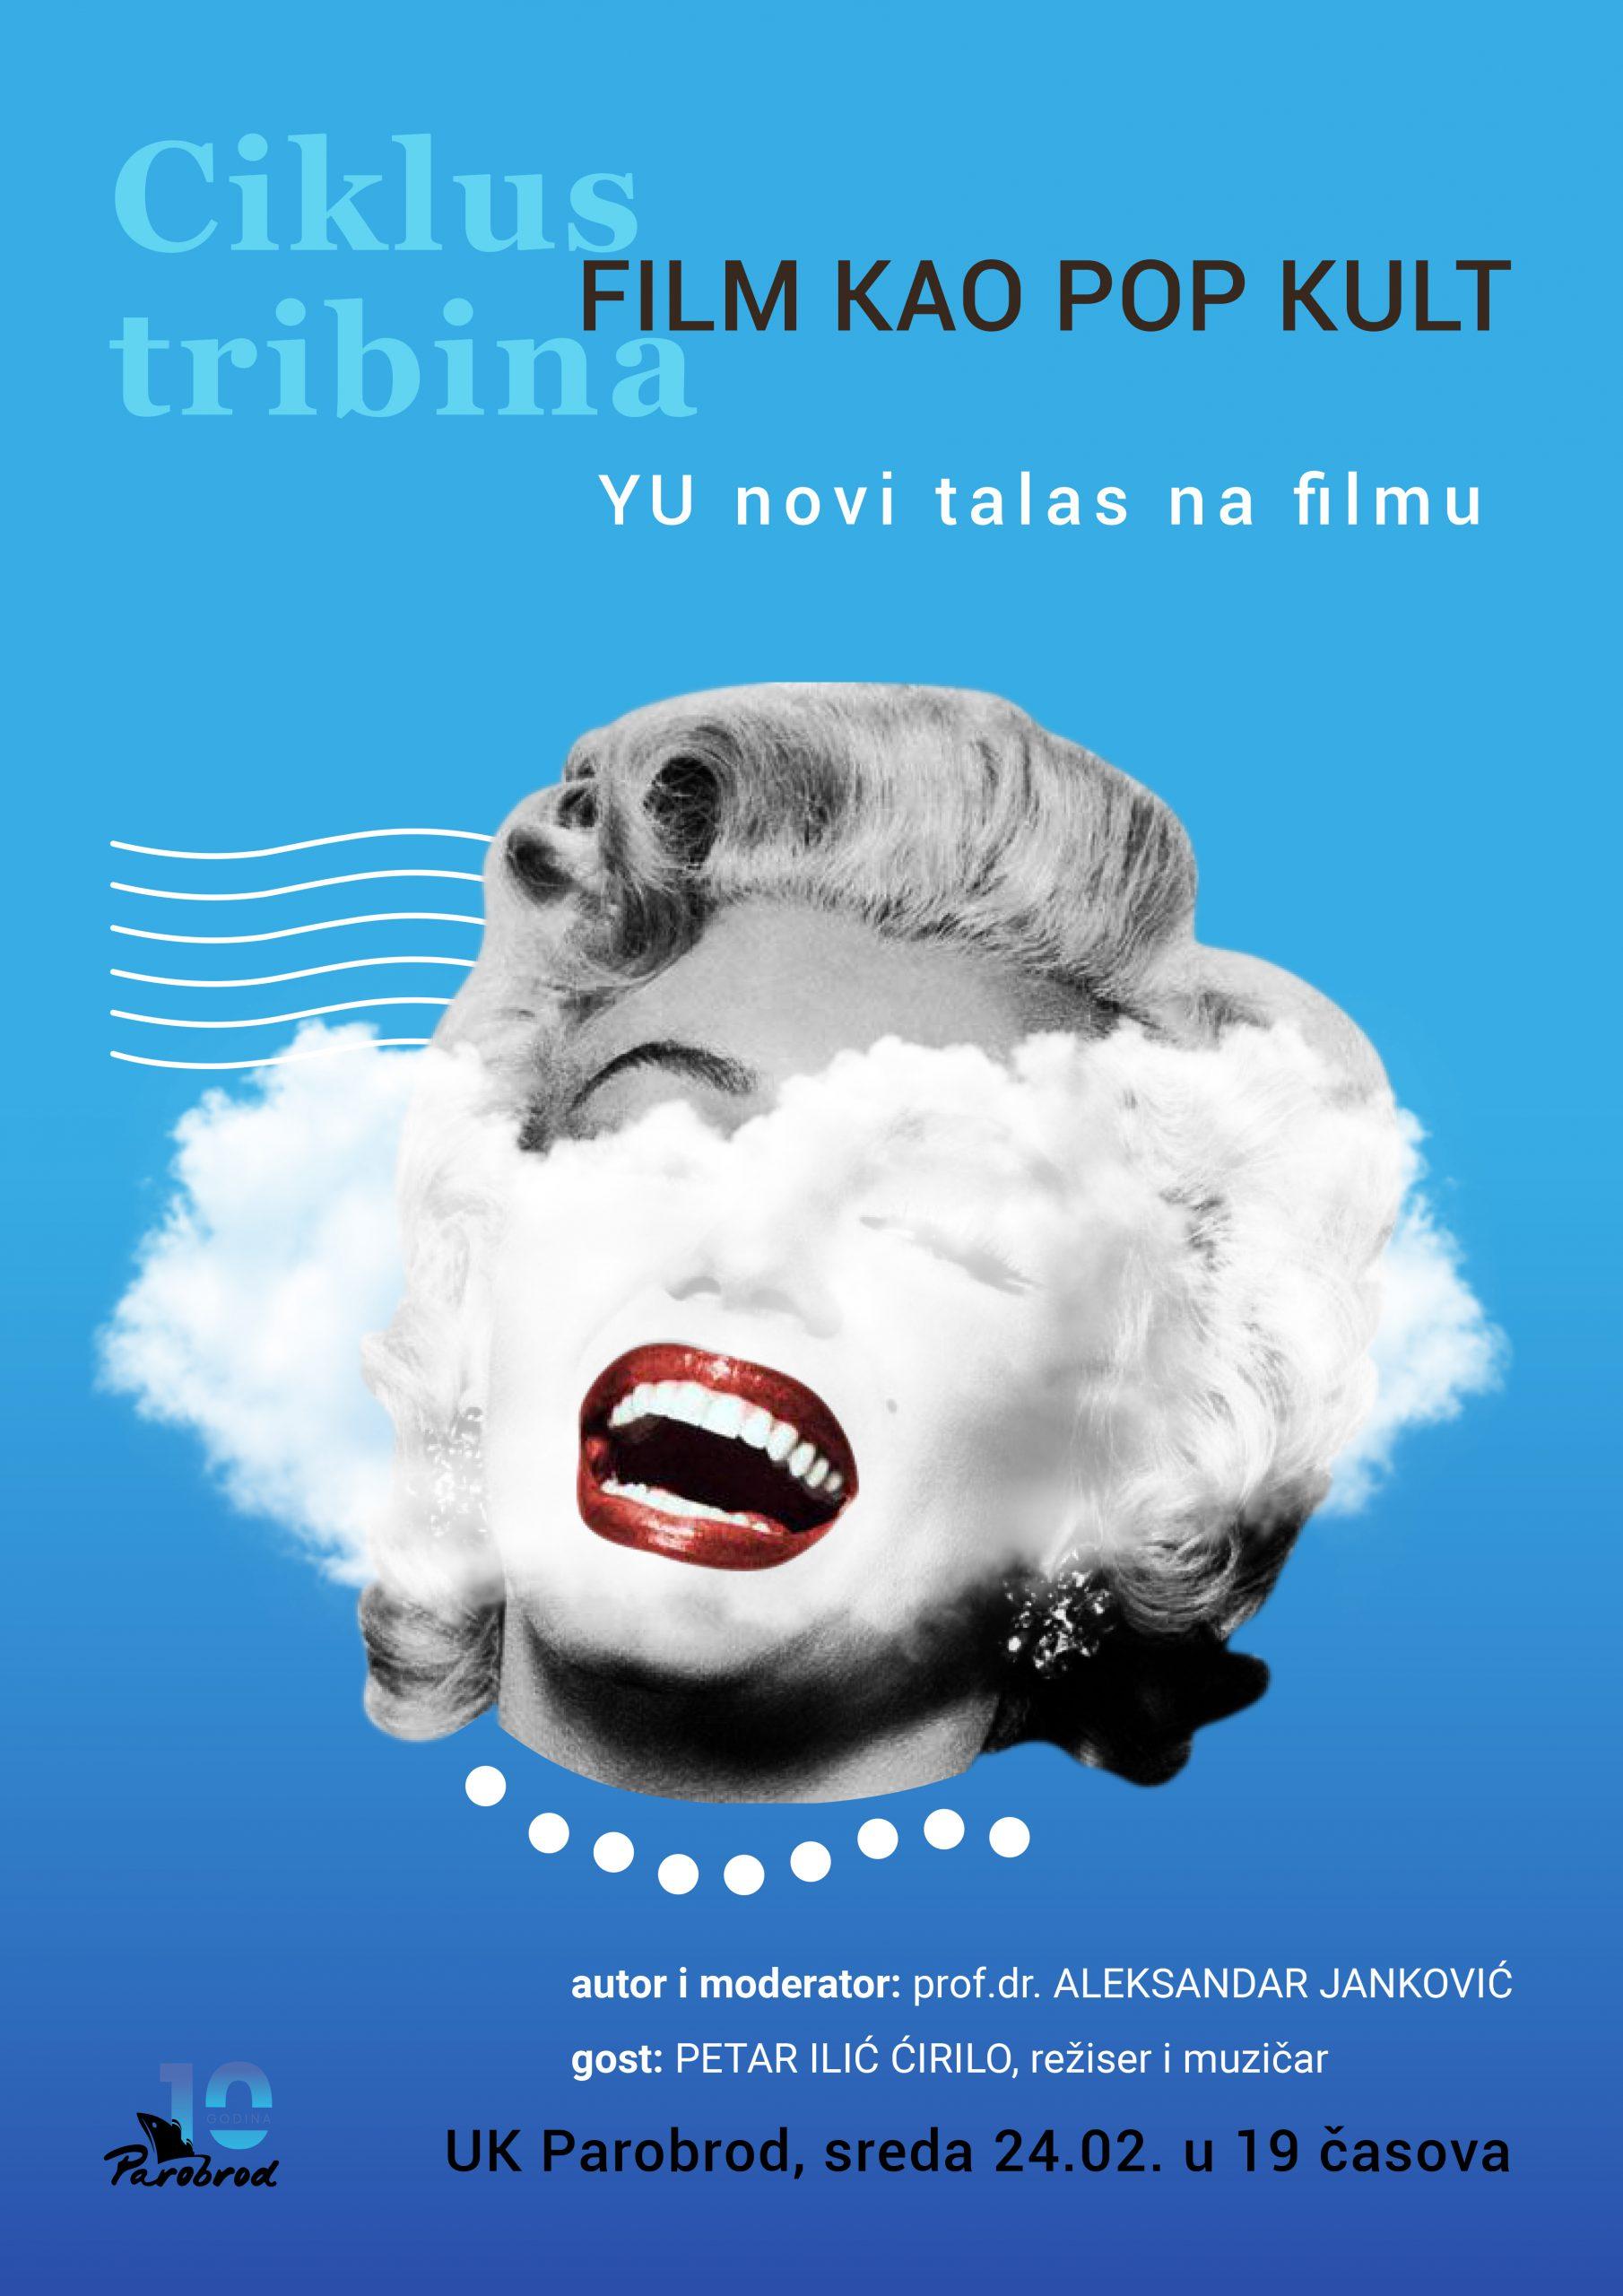 Ciklus tribina: Film kao pop kult